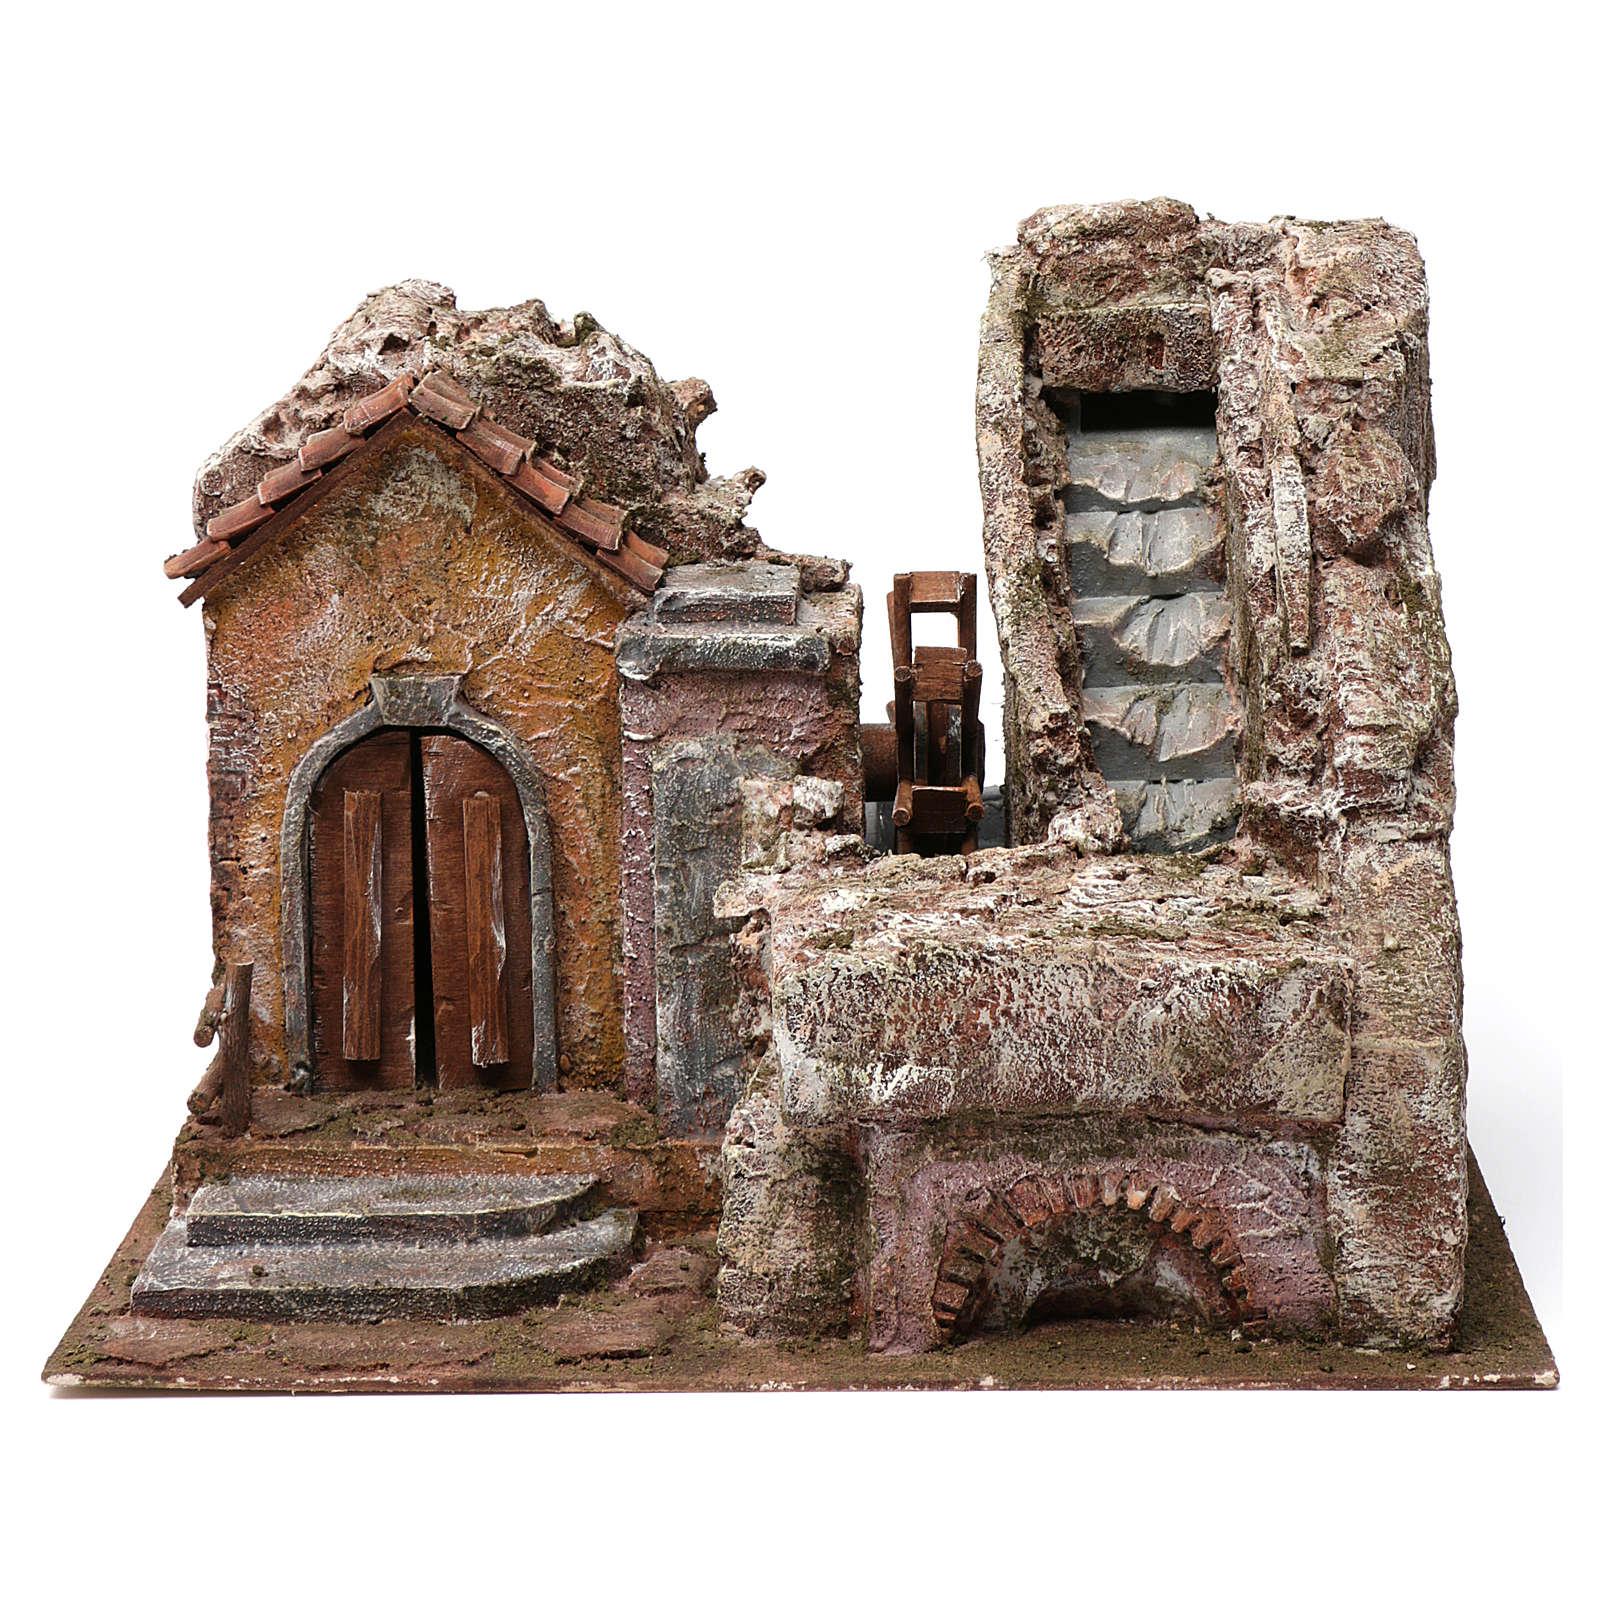 Moulin à eau crèche maison gauche flanc montagne derrière 35x30x40 cm 4